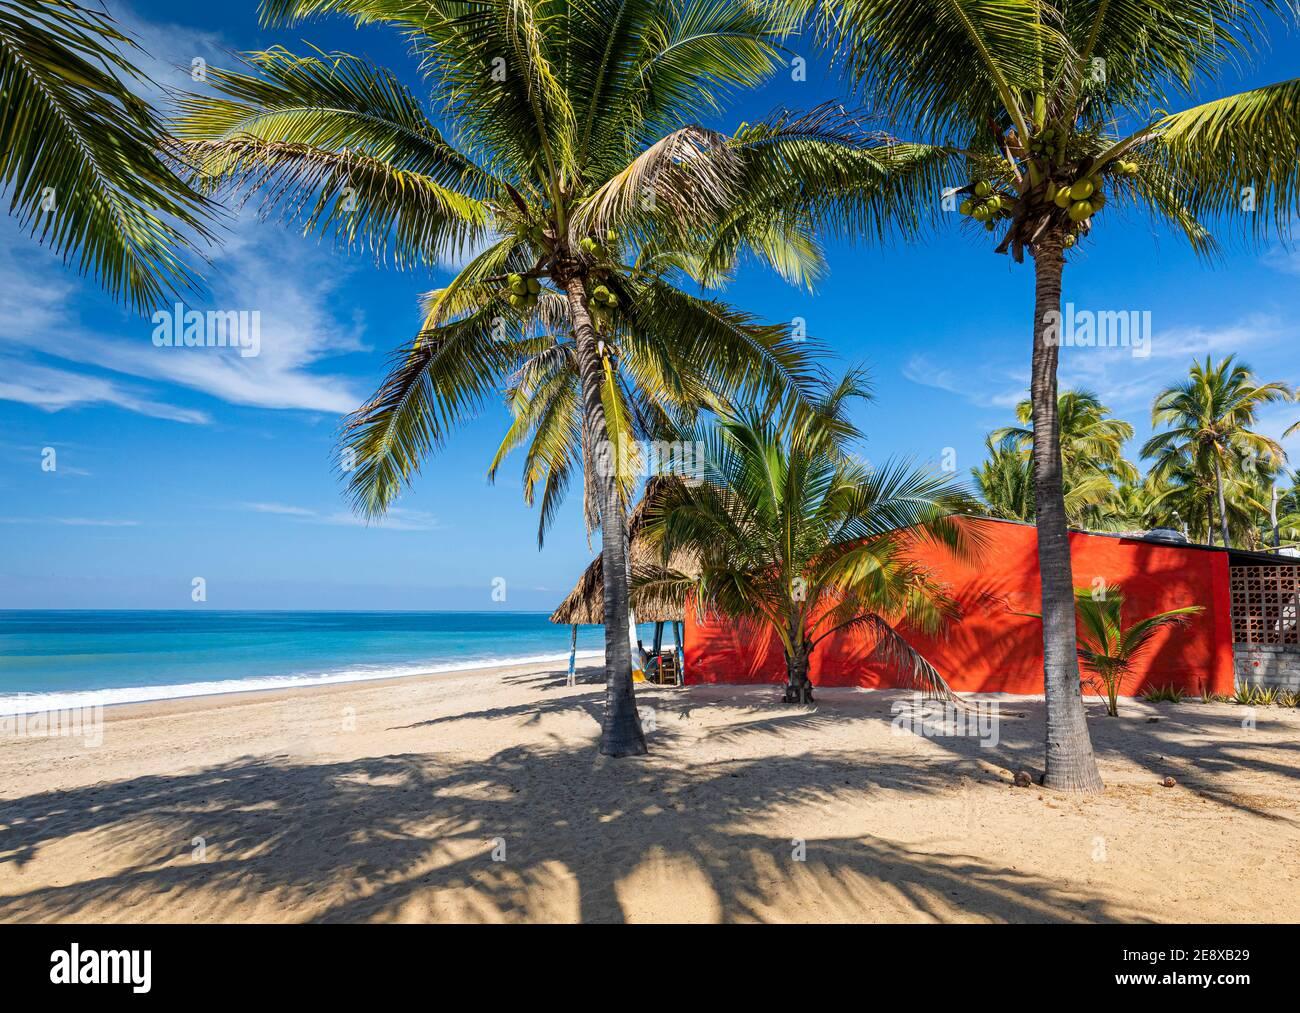 Casa roja en la playa en lo de Marcos en la costa pacífica de Nayarit, México. Foto de stock